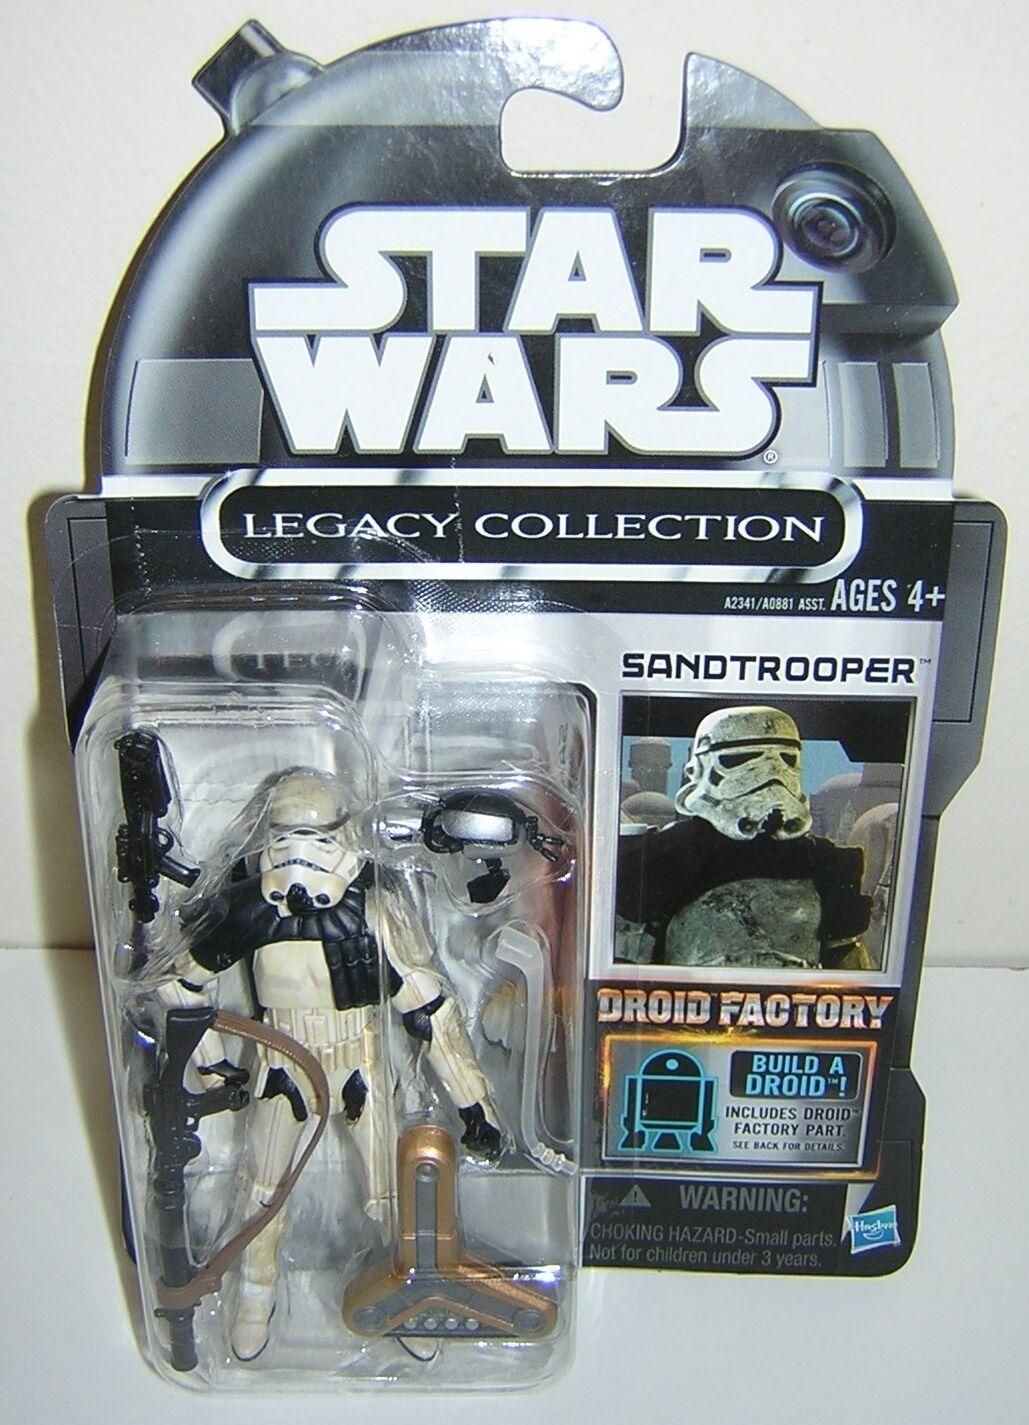 Star wars legacy collection - fabrik sandtrooper abgesagt super selten